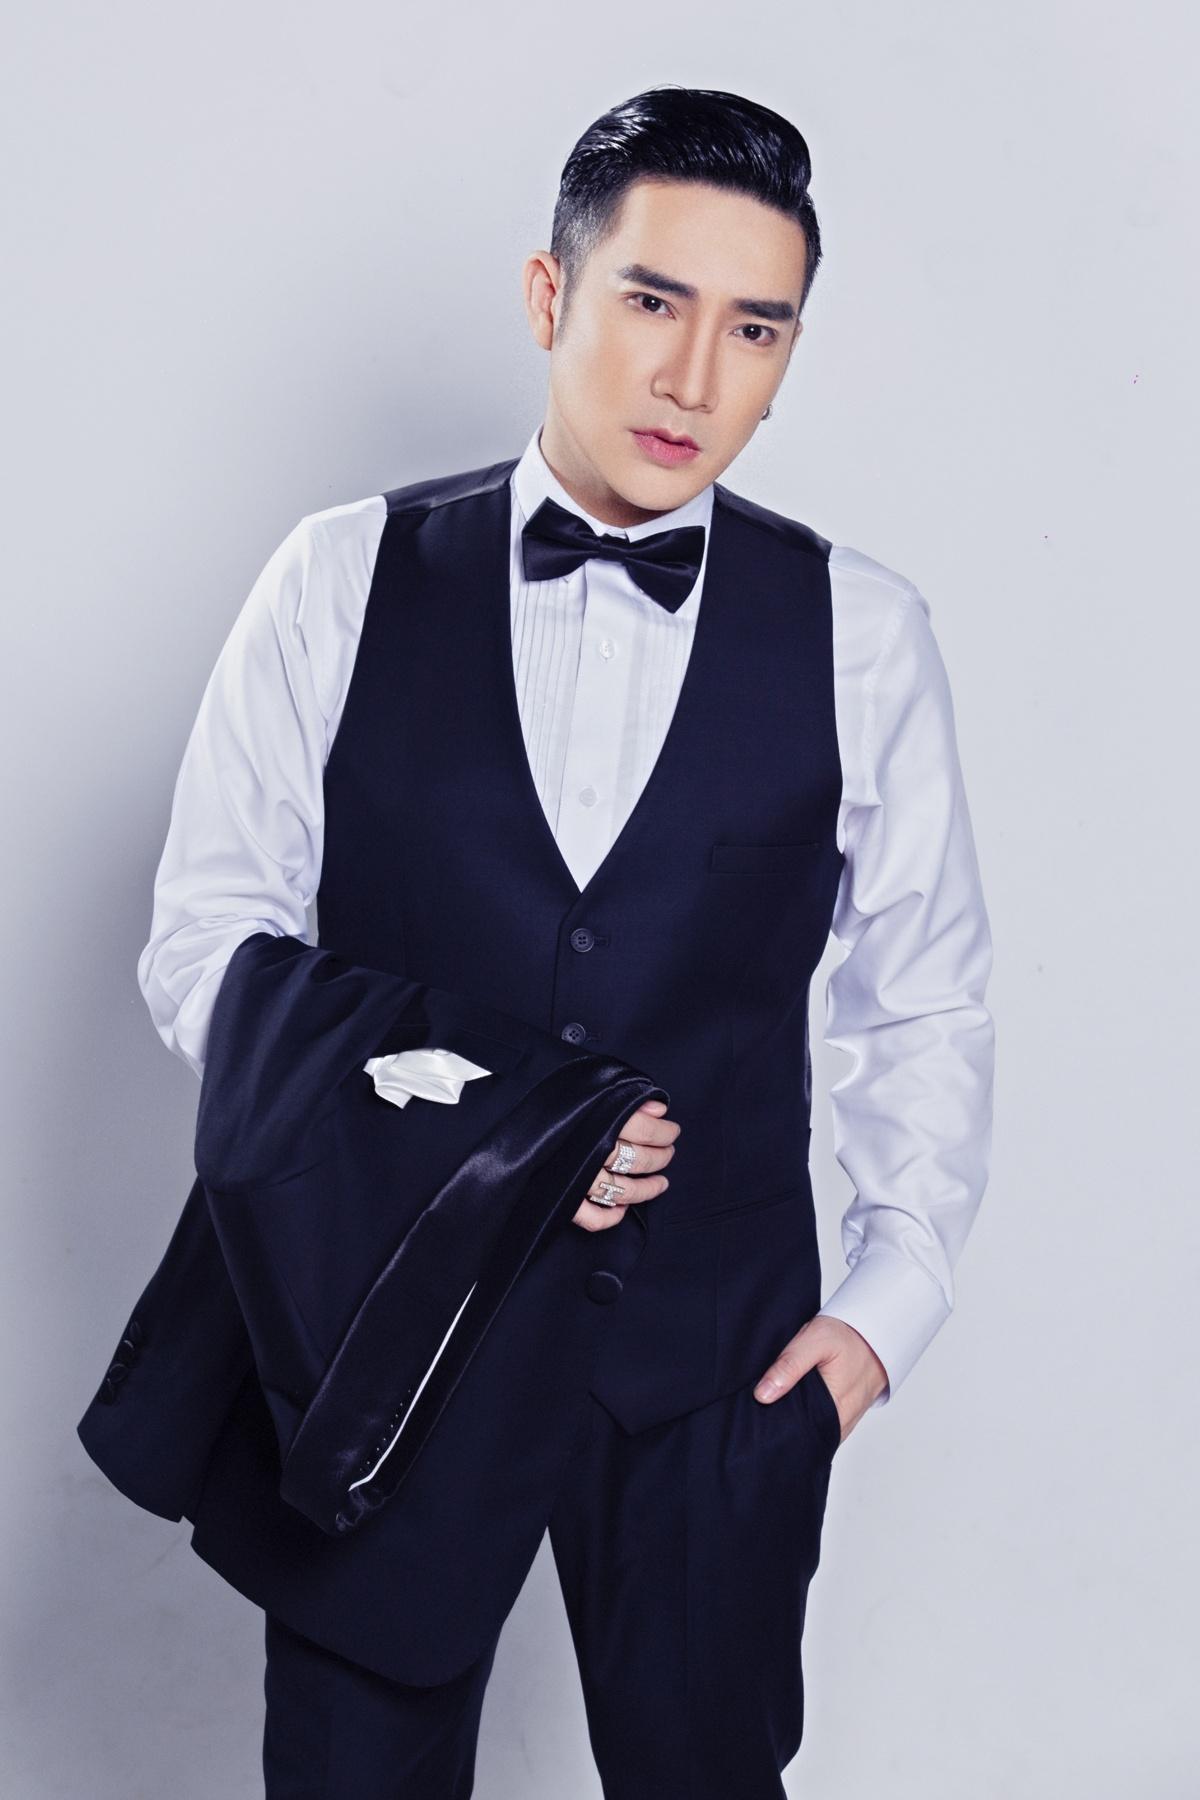 Quang Hà sẽ thể hiện 20 ca khúc trong chương trình.